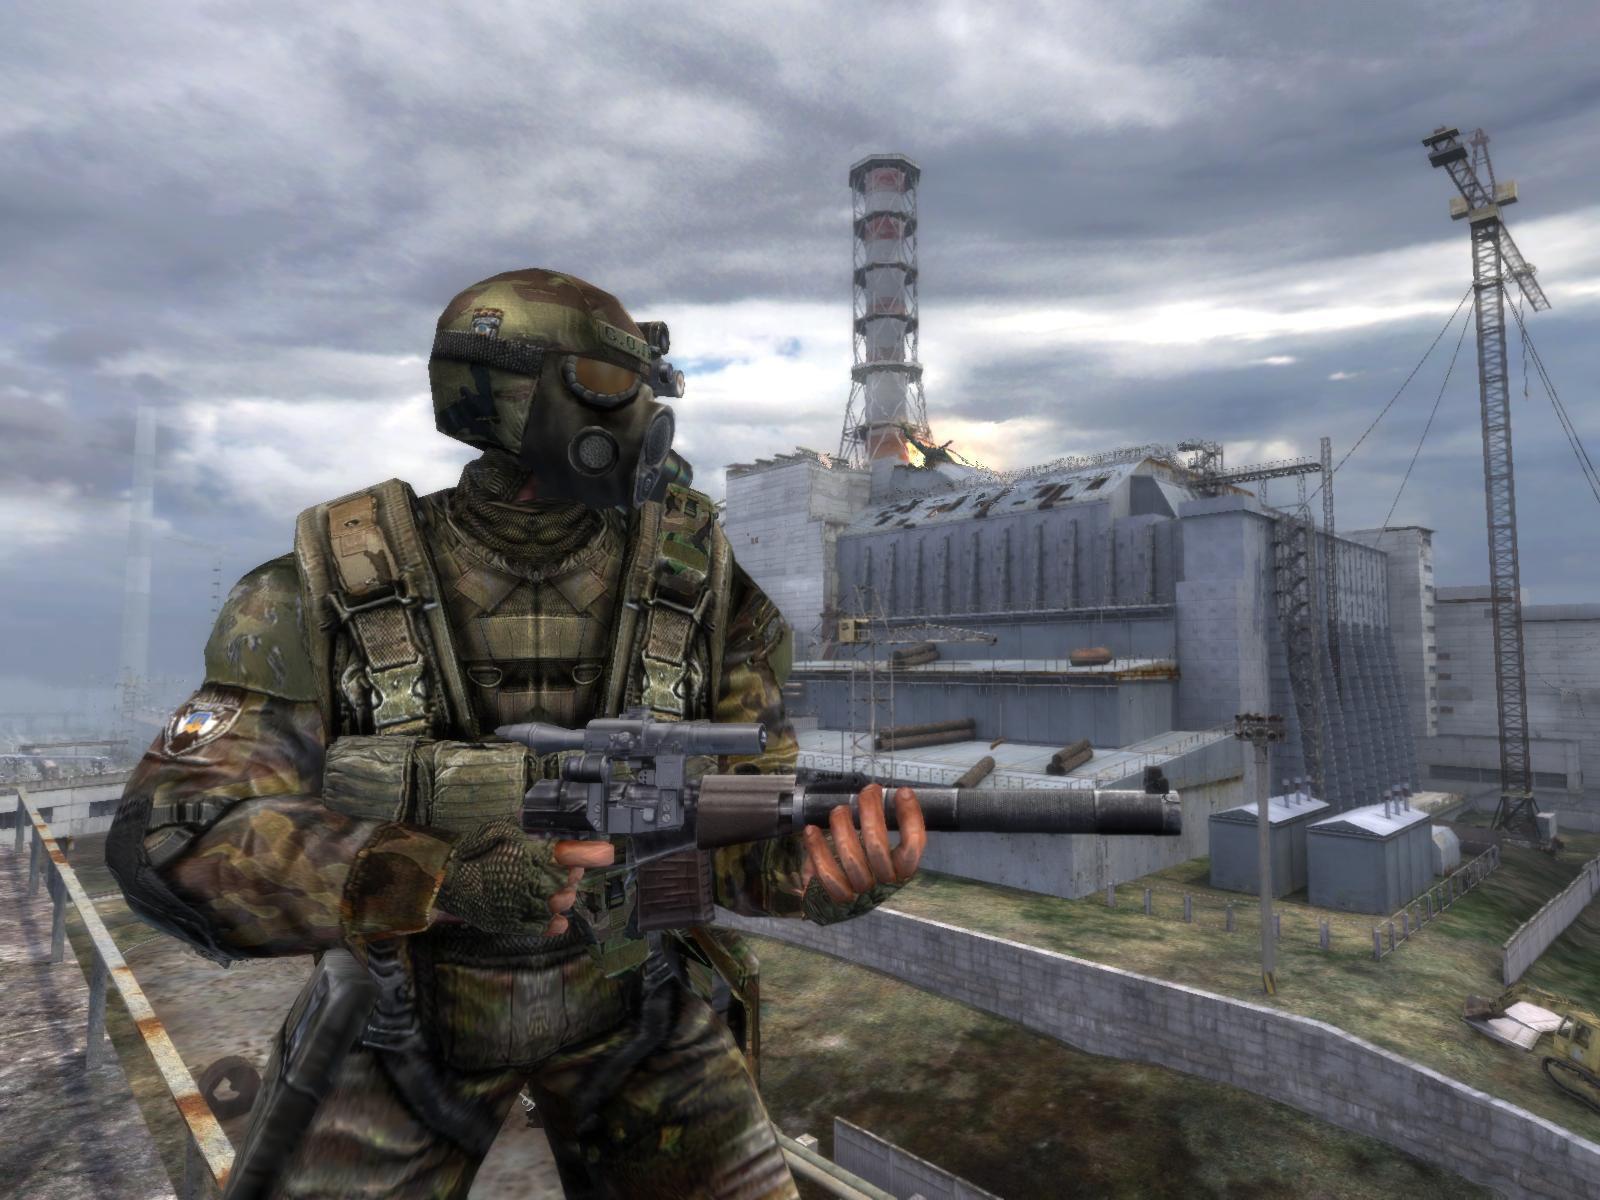 Сталкер тень чернобыля скачать бесплатно, Stalker shadow of chernobyl